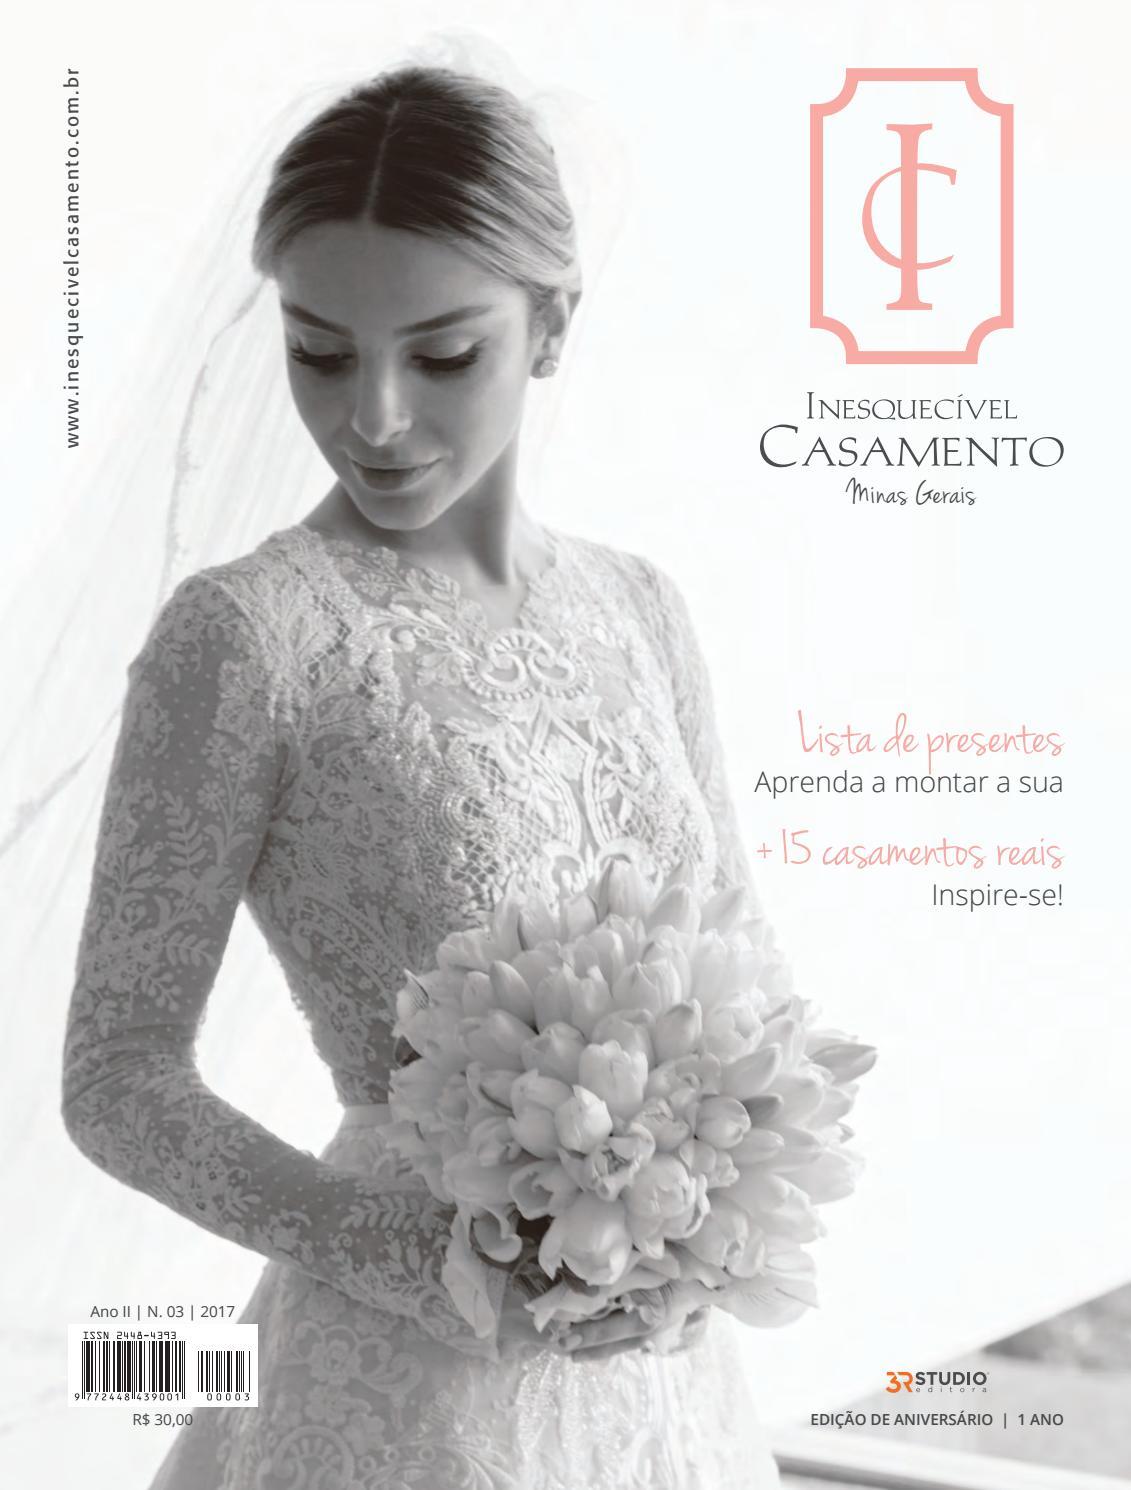 d6d235e9c8 Inesquecível Casamento Minas Gerais Ed. 03 by Inesquecível Casamento - issuu